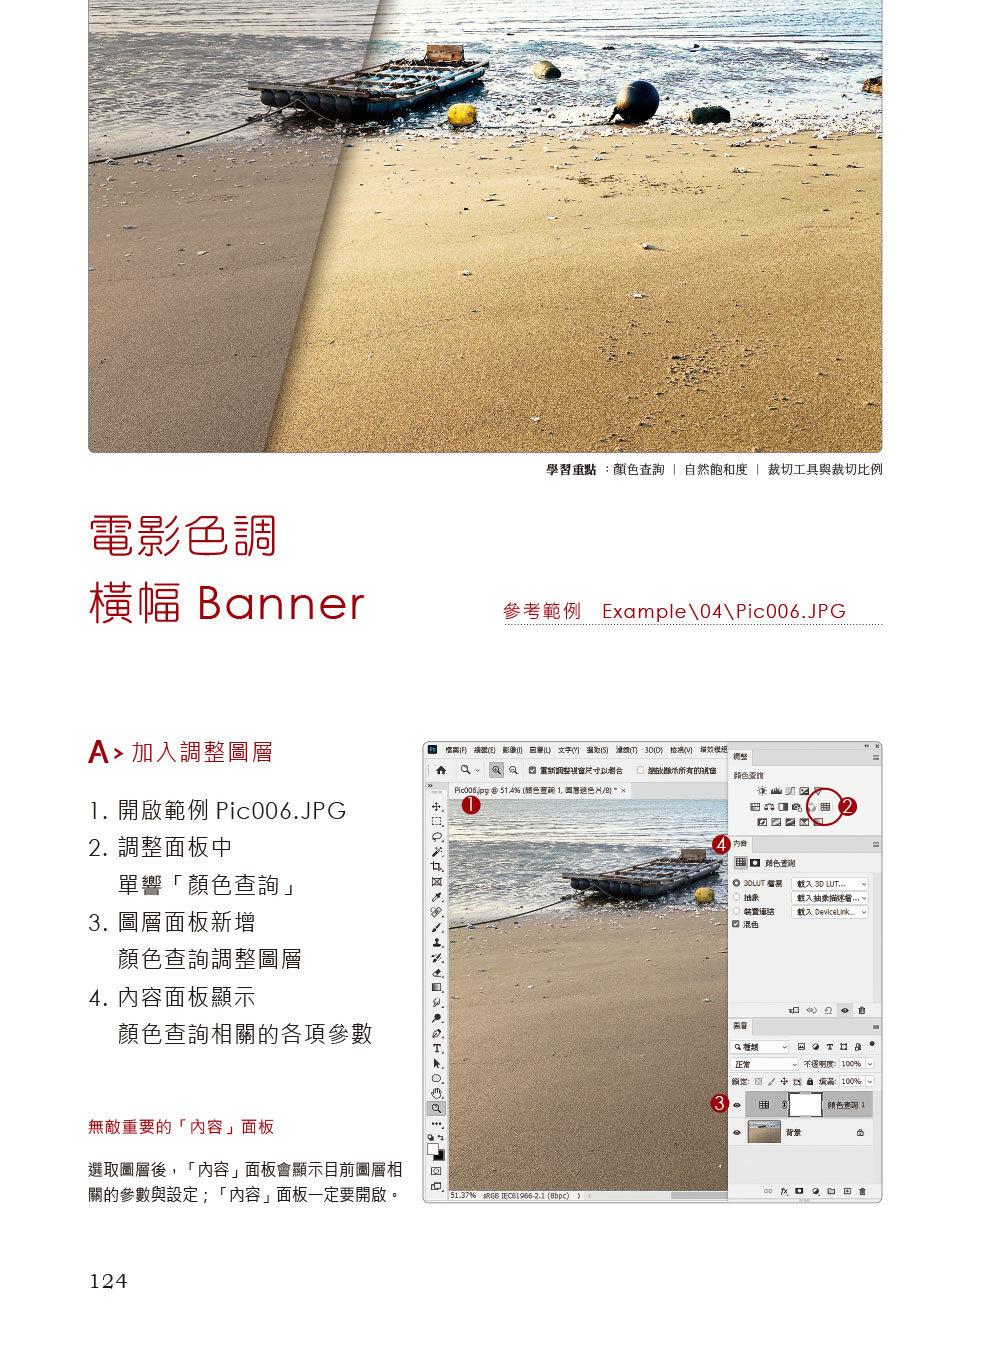 我想學設計!人氣精選 Photoshop 影像編修技:工具x調色x文字x合成x廣告設計(千萬網友點擊推薦狂推必學)-preview-5